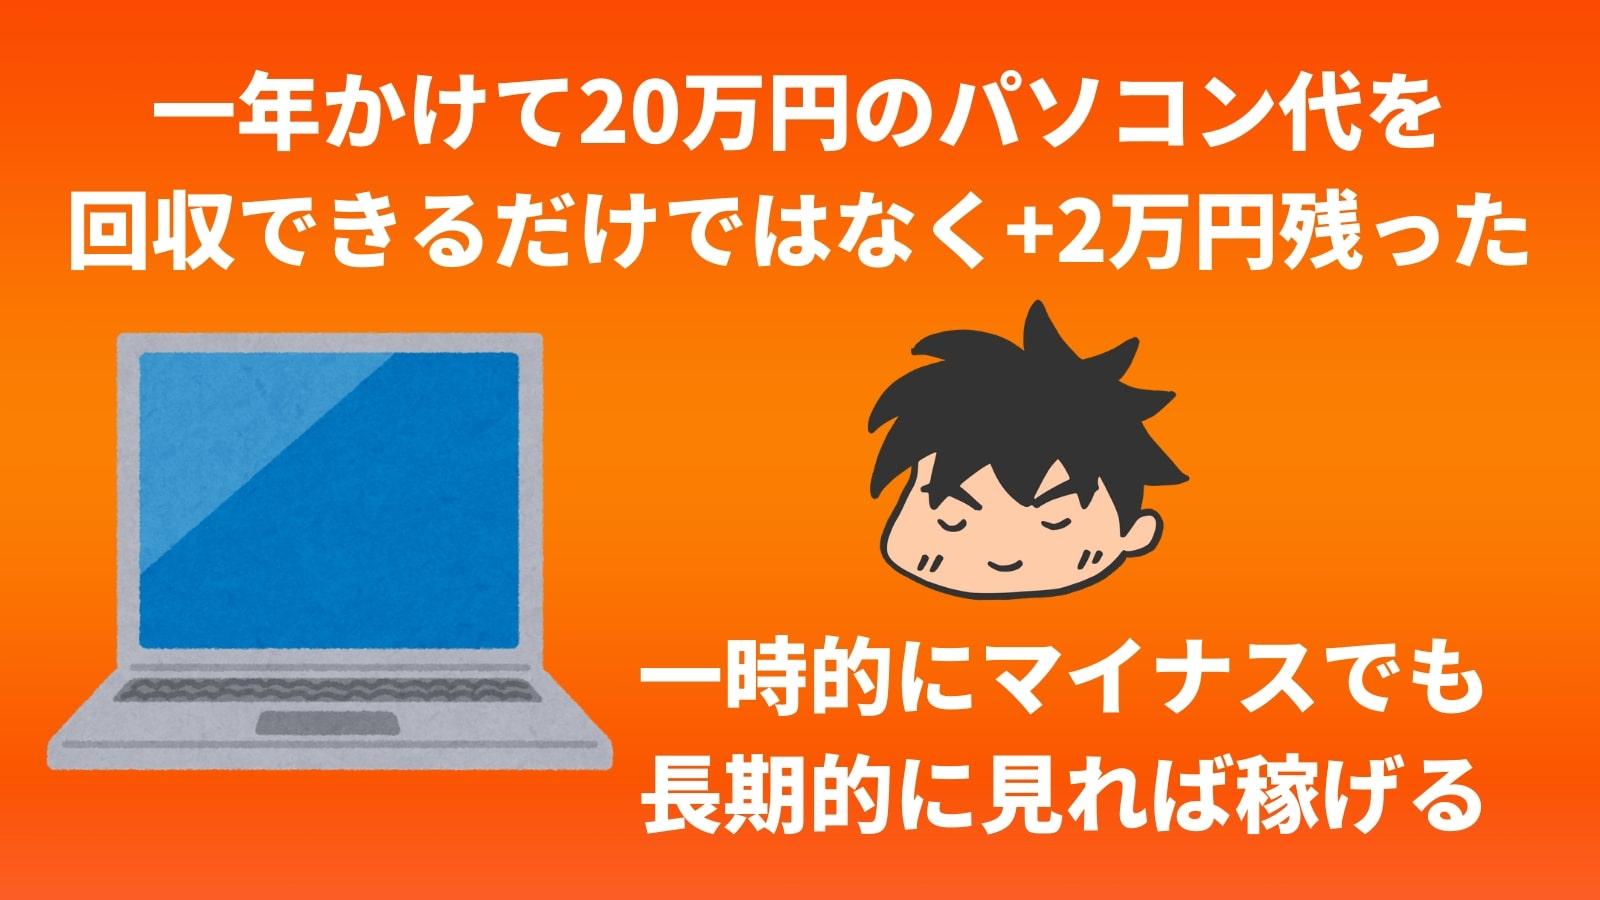 一年かけて20万円のパソコン代を 回収できるだけではなく+2万円残った